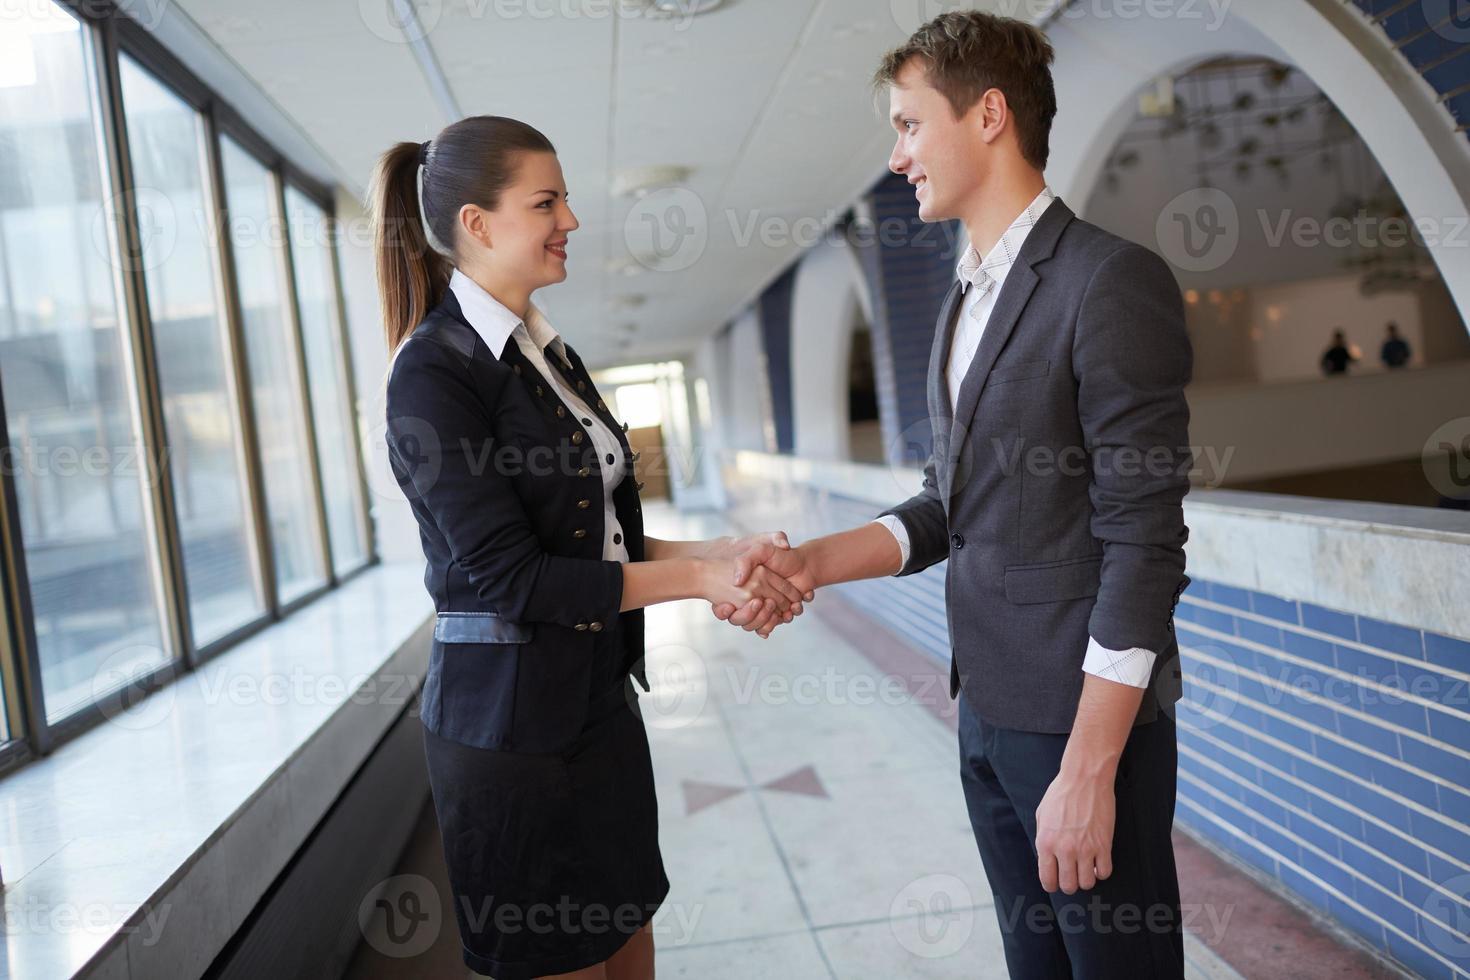 junge Geschäftsfrau und Geschäftsmann sprechen im Flur foto